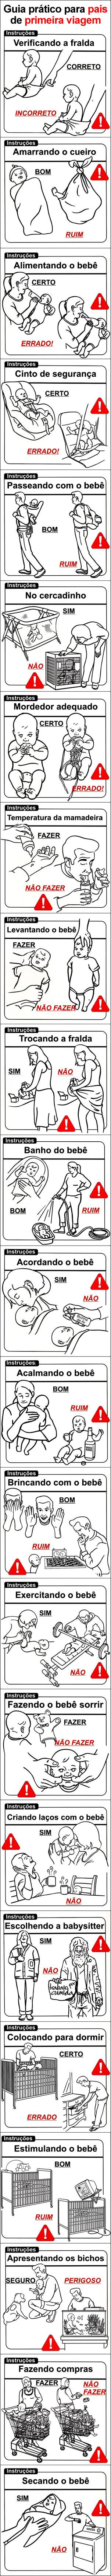 guia prático de como cuidar de bebês